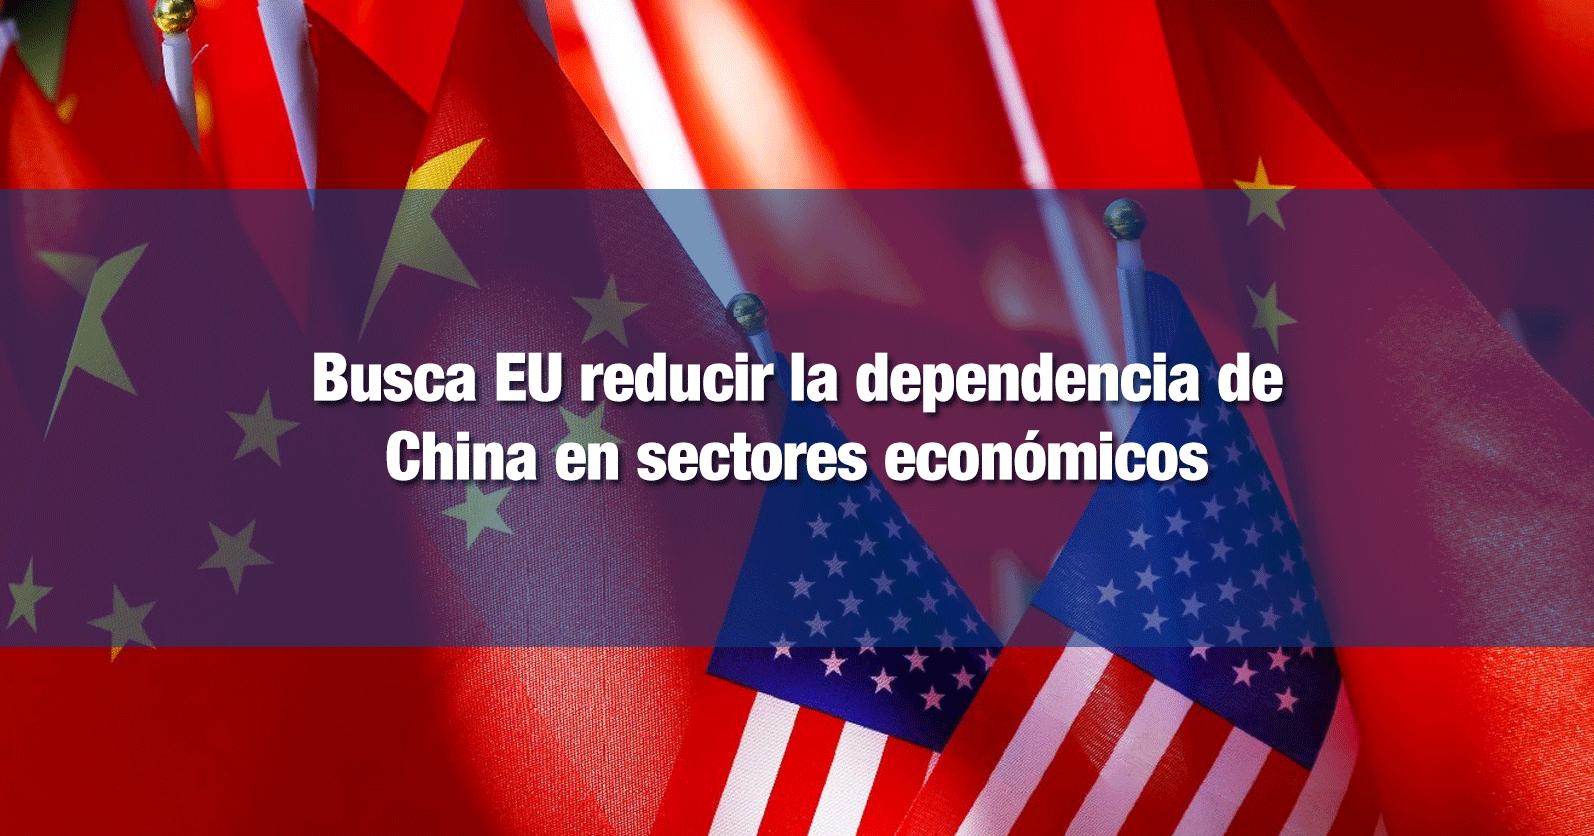 Busca EU reducir la dependencia de China en sectores económicos